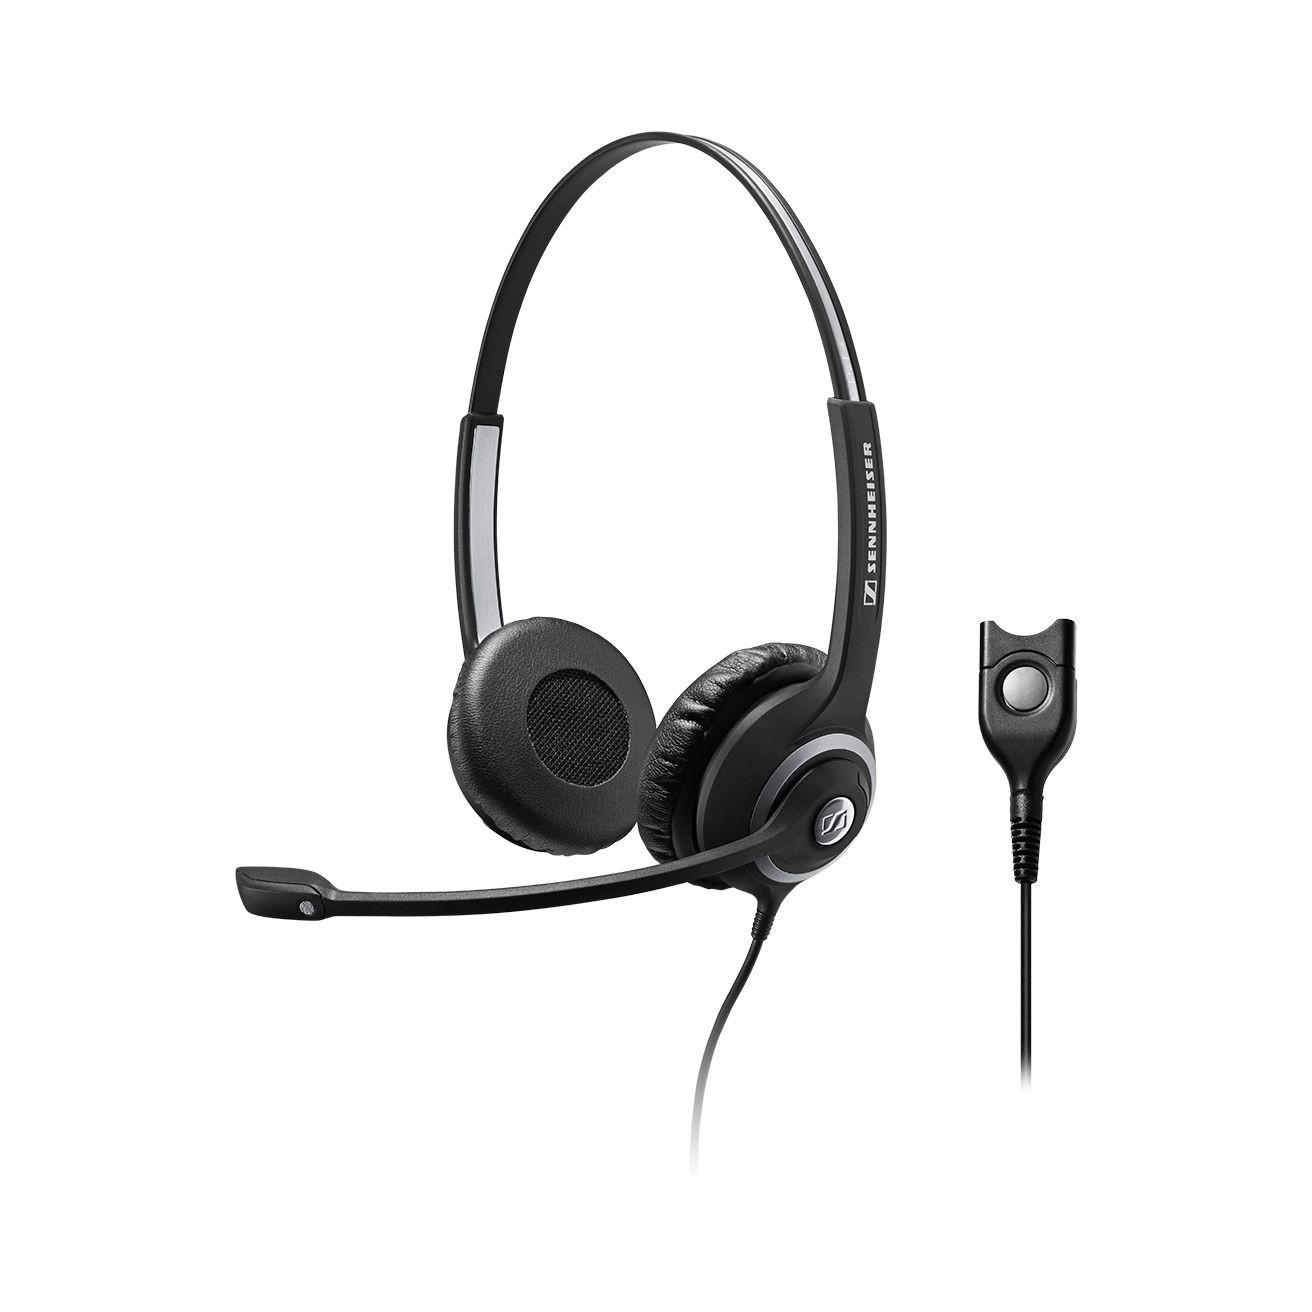 SC260 Sennheiser headset